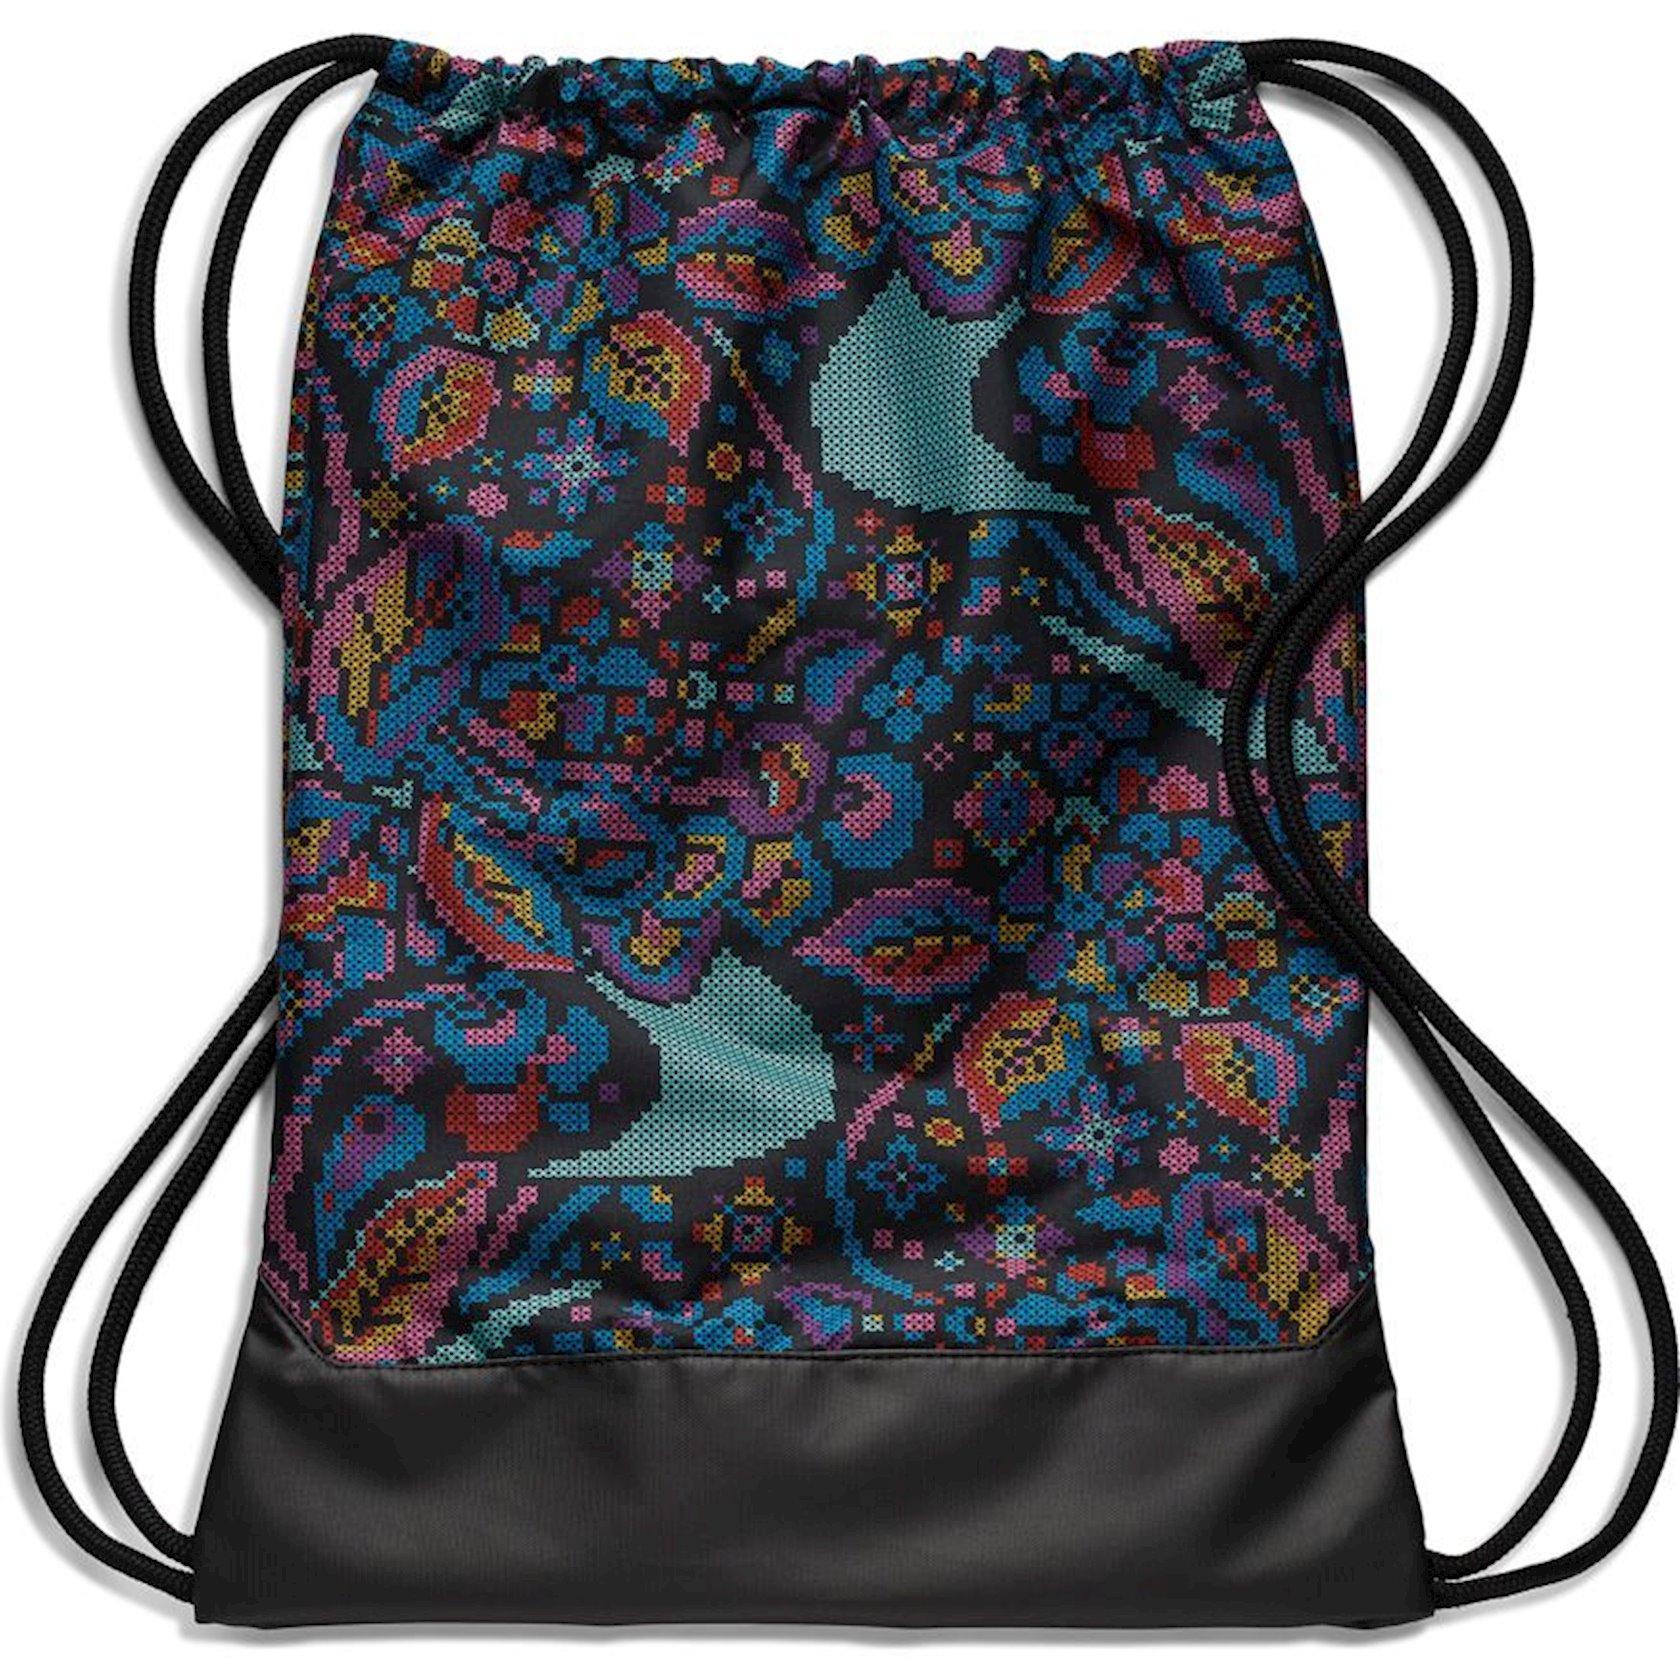 Ayaqqabılar üçün torba NIKE BRASILIA 9.0 BA6049 GYMSACK, Uniseks, Polyester, Qara/Multi